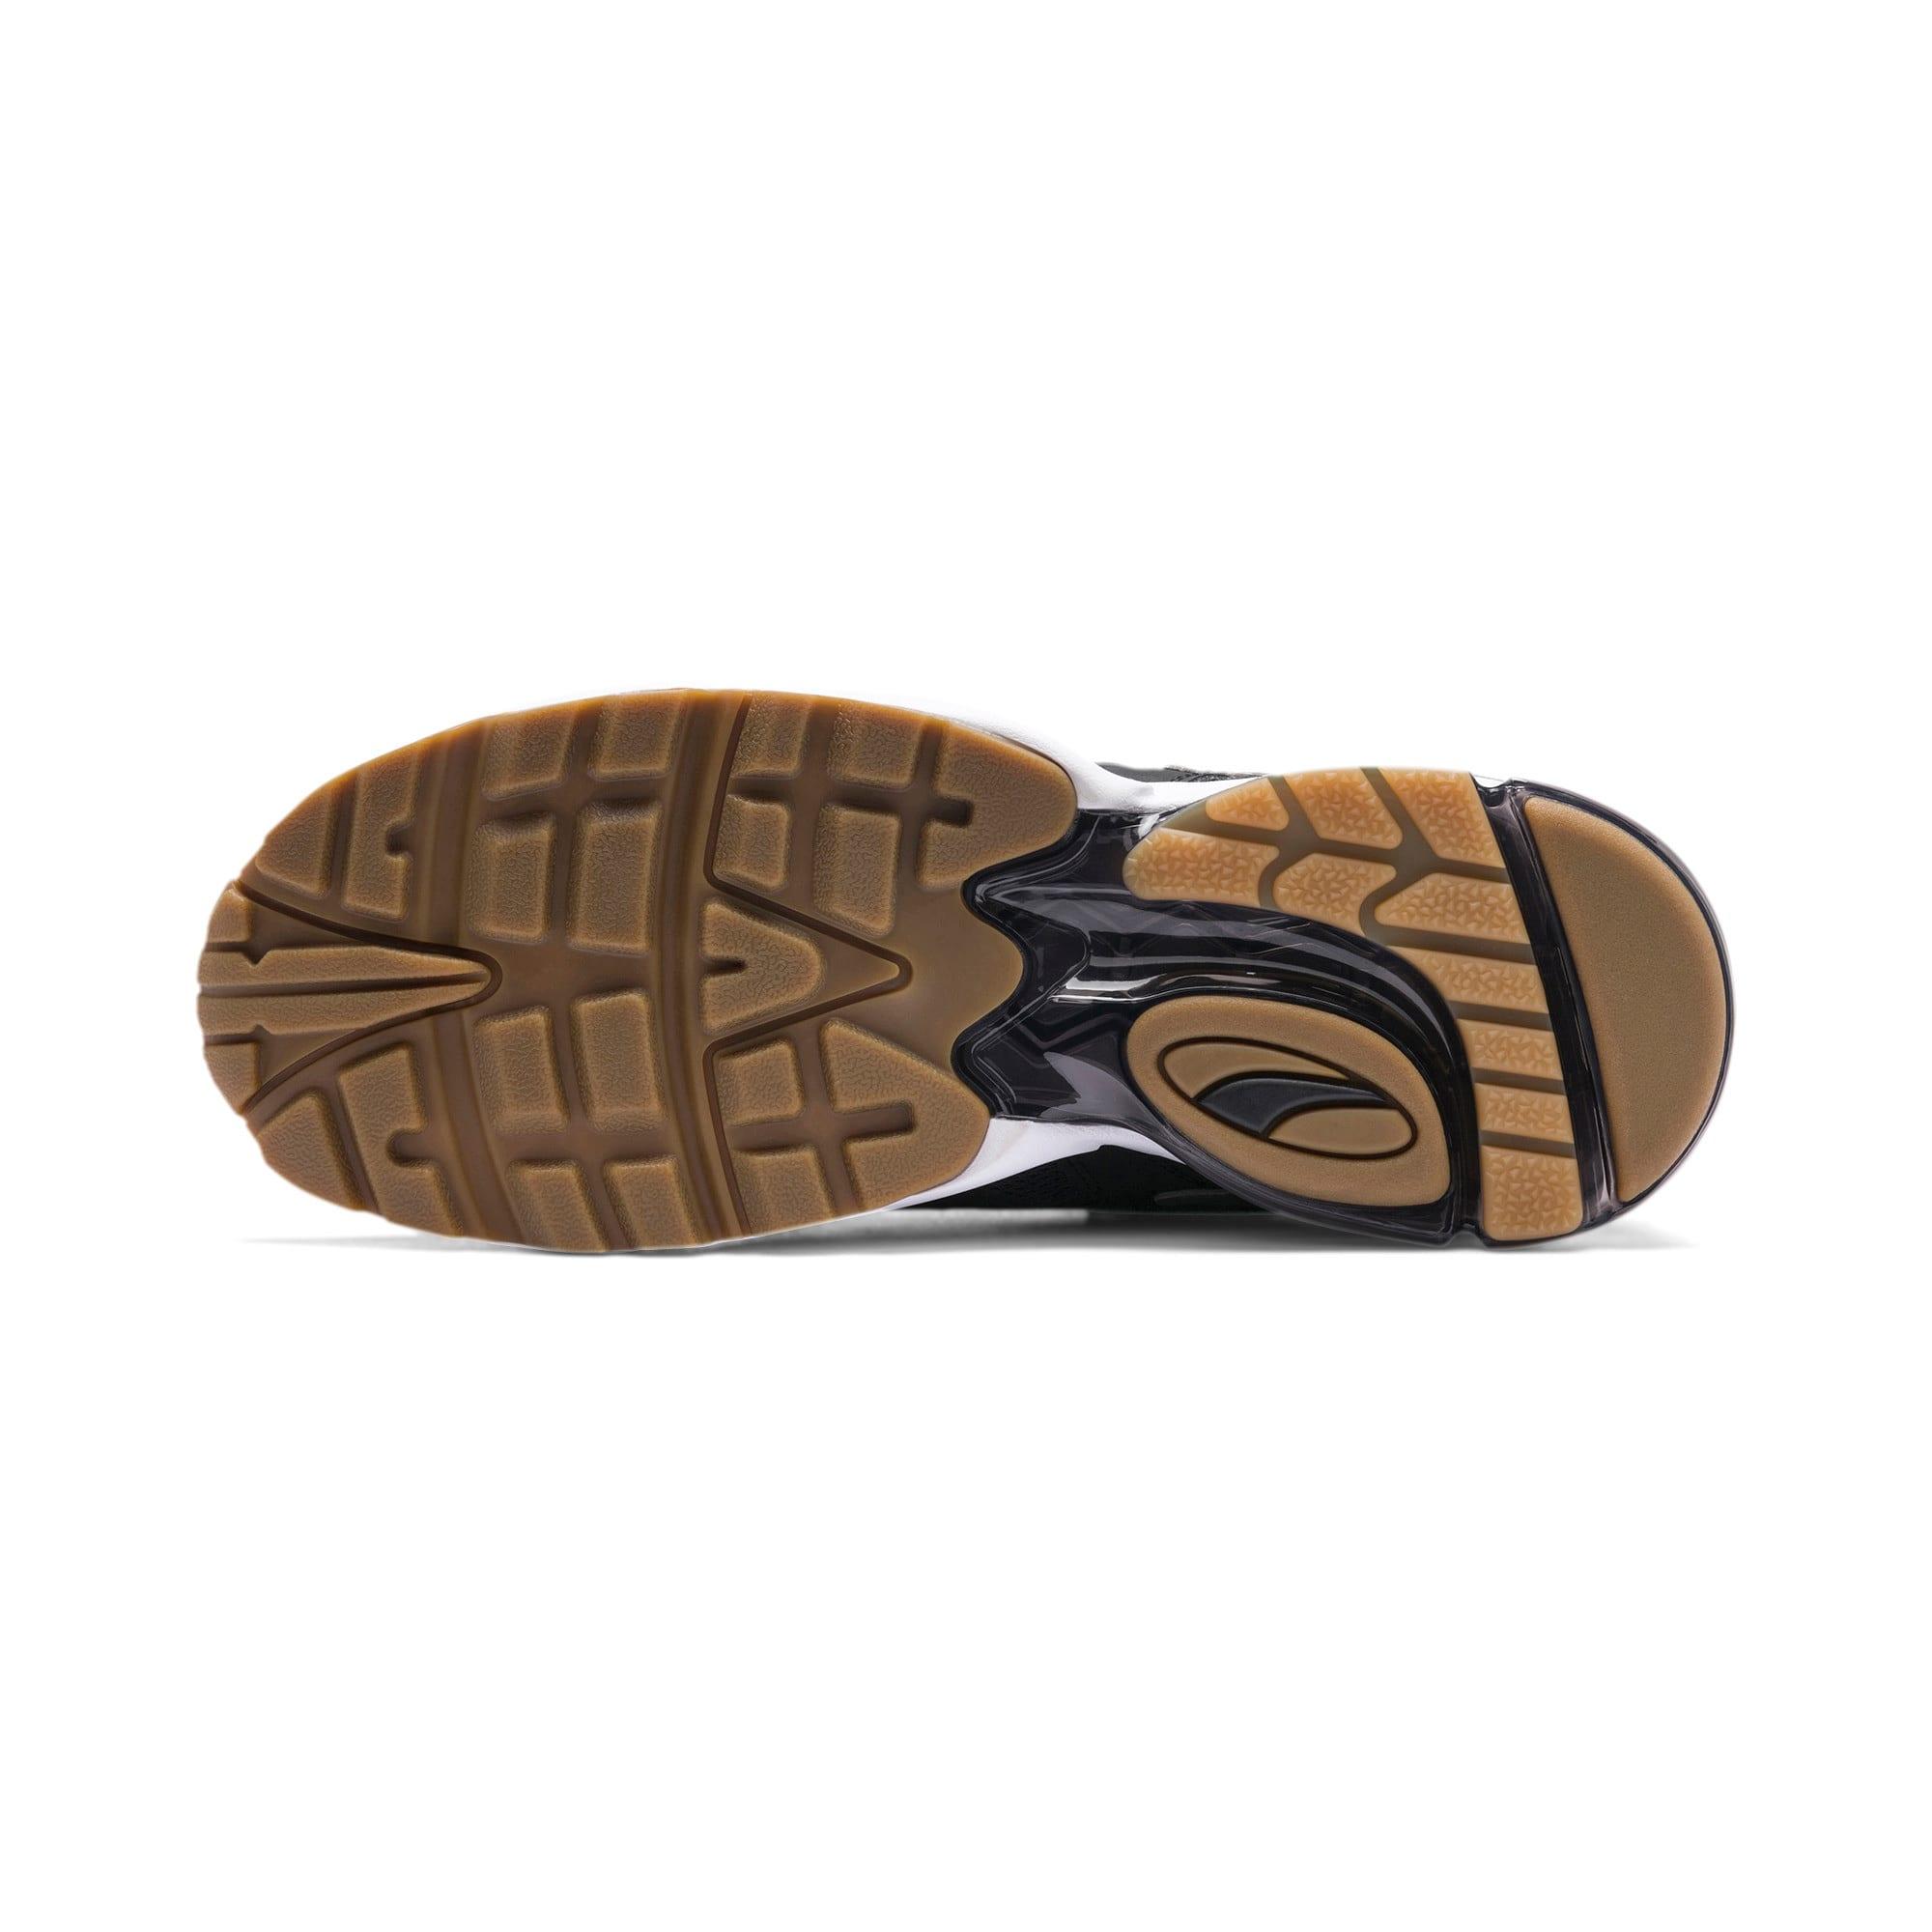 Thumbnail 4 of CELL Alien OG Sneaker, Puma Black-Gum, medium